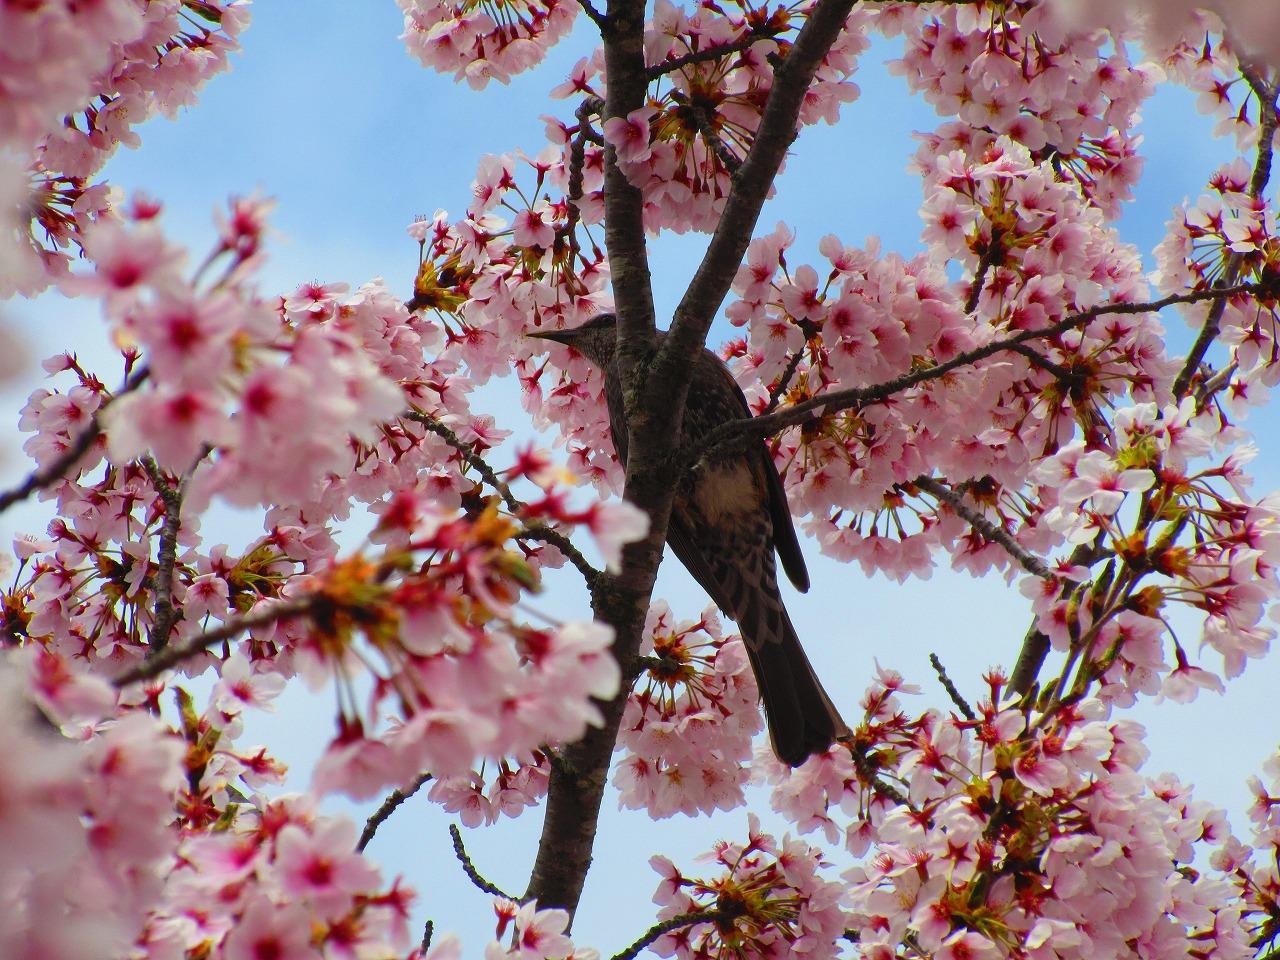 桜満開今がお勧め!能登町の柳田植物公園に行ってきた。